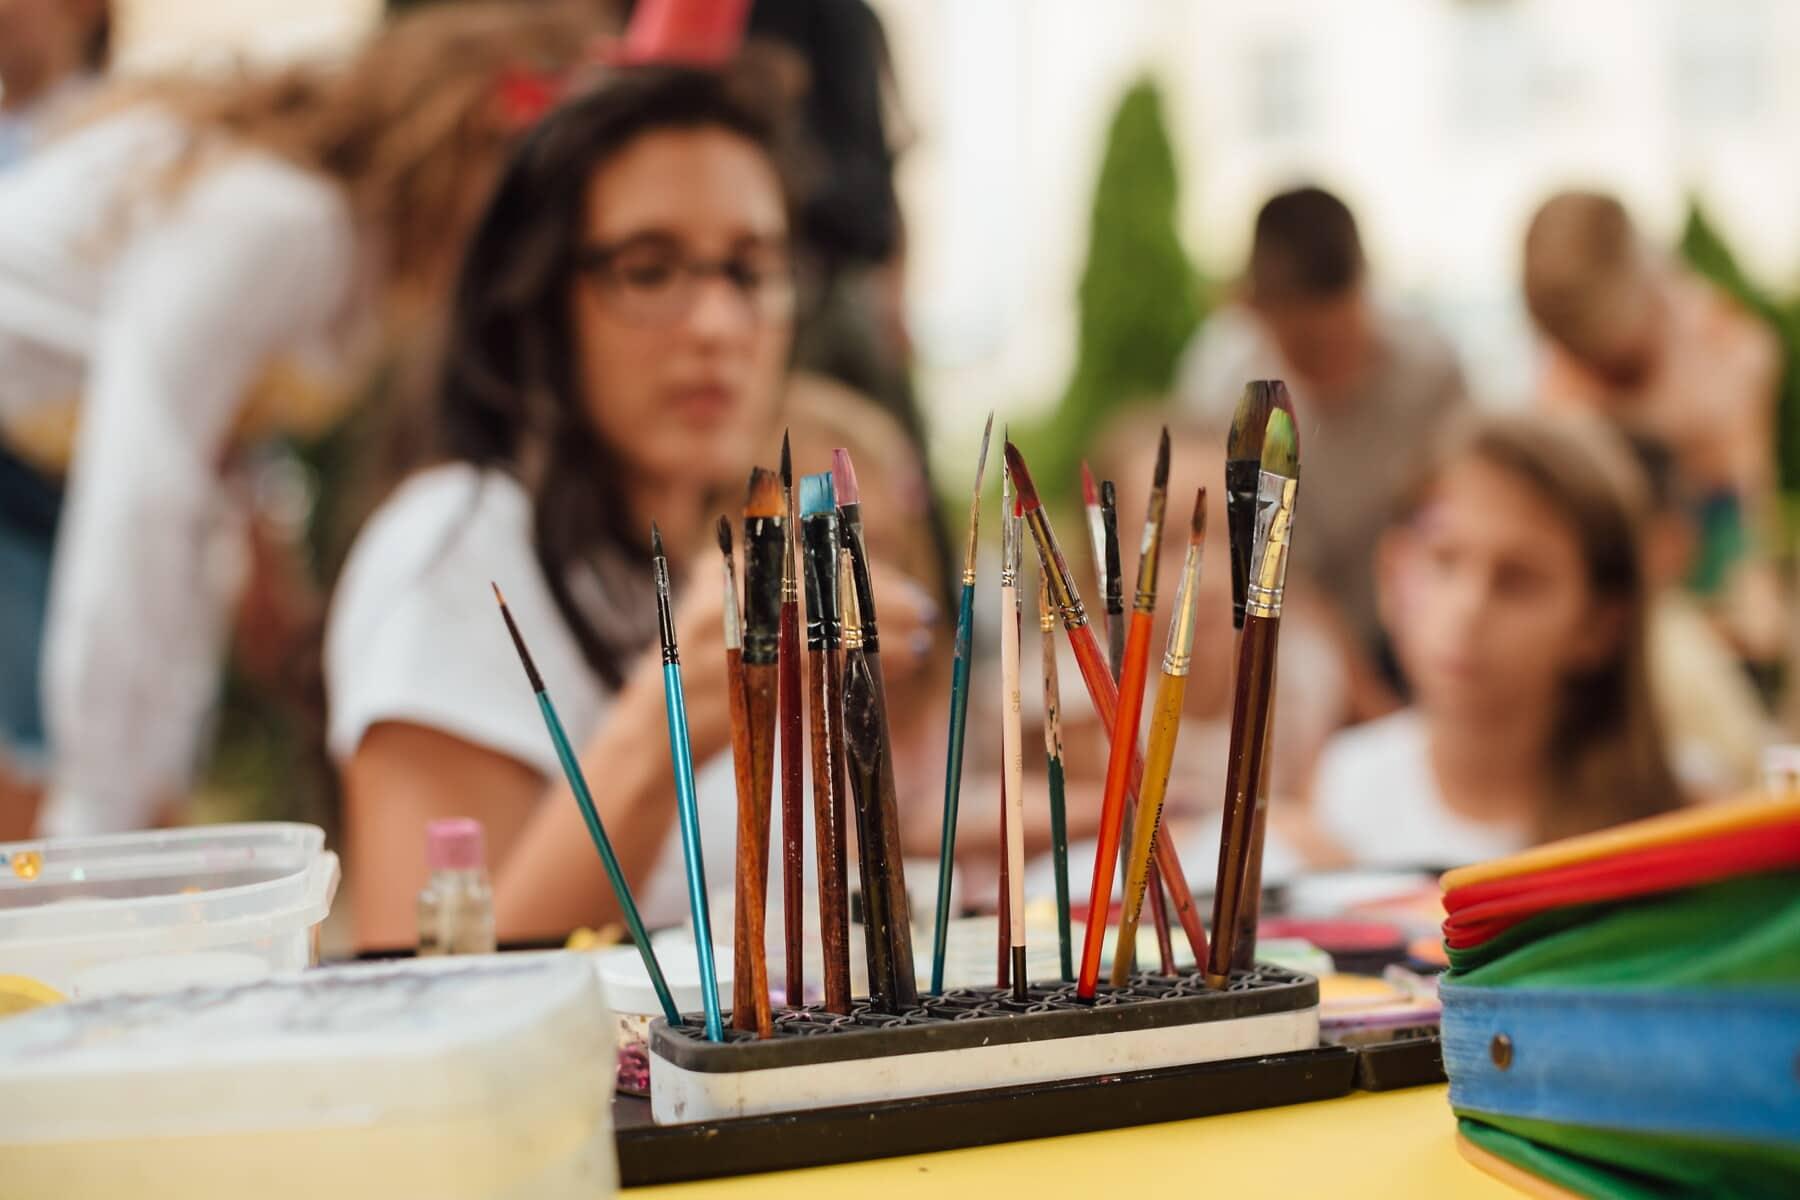 Pinsel, Malerei, Maler, Bürsten, Schulkind, Hand-Werkzeug, Kunst, Schule, Pinsel, Bleistift